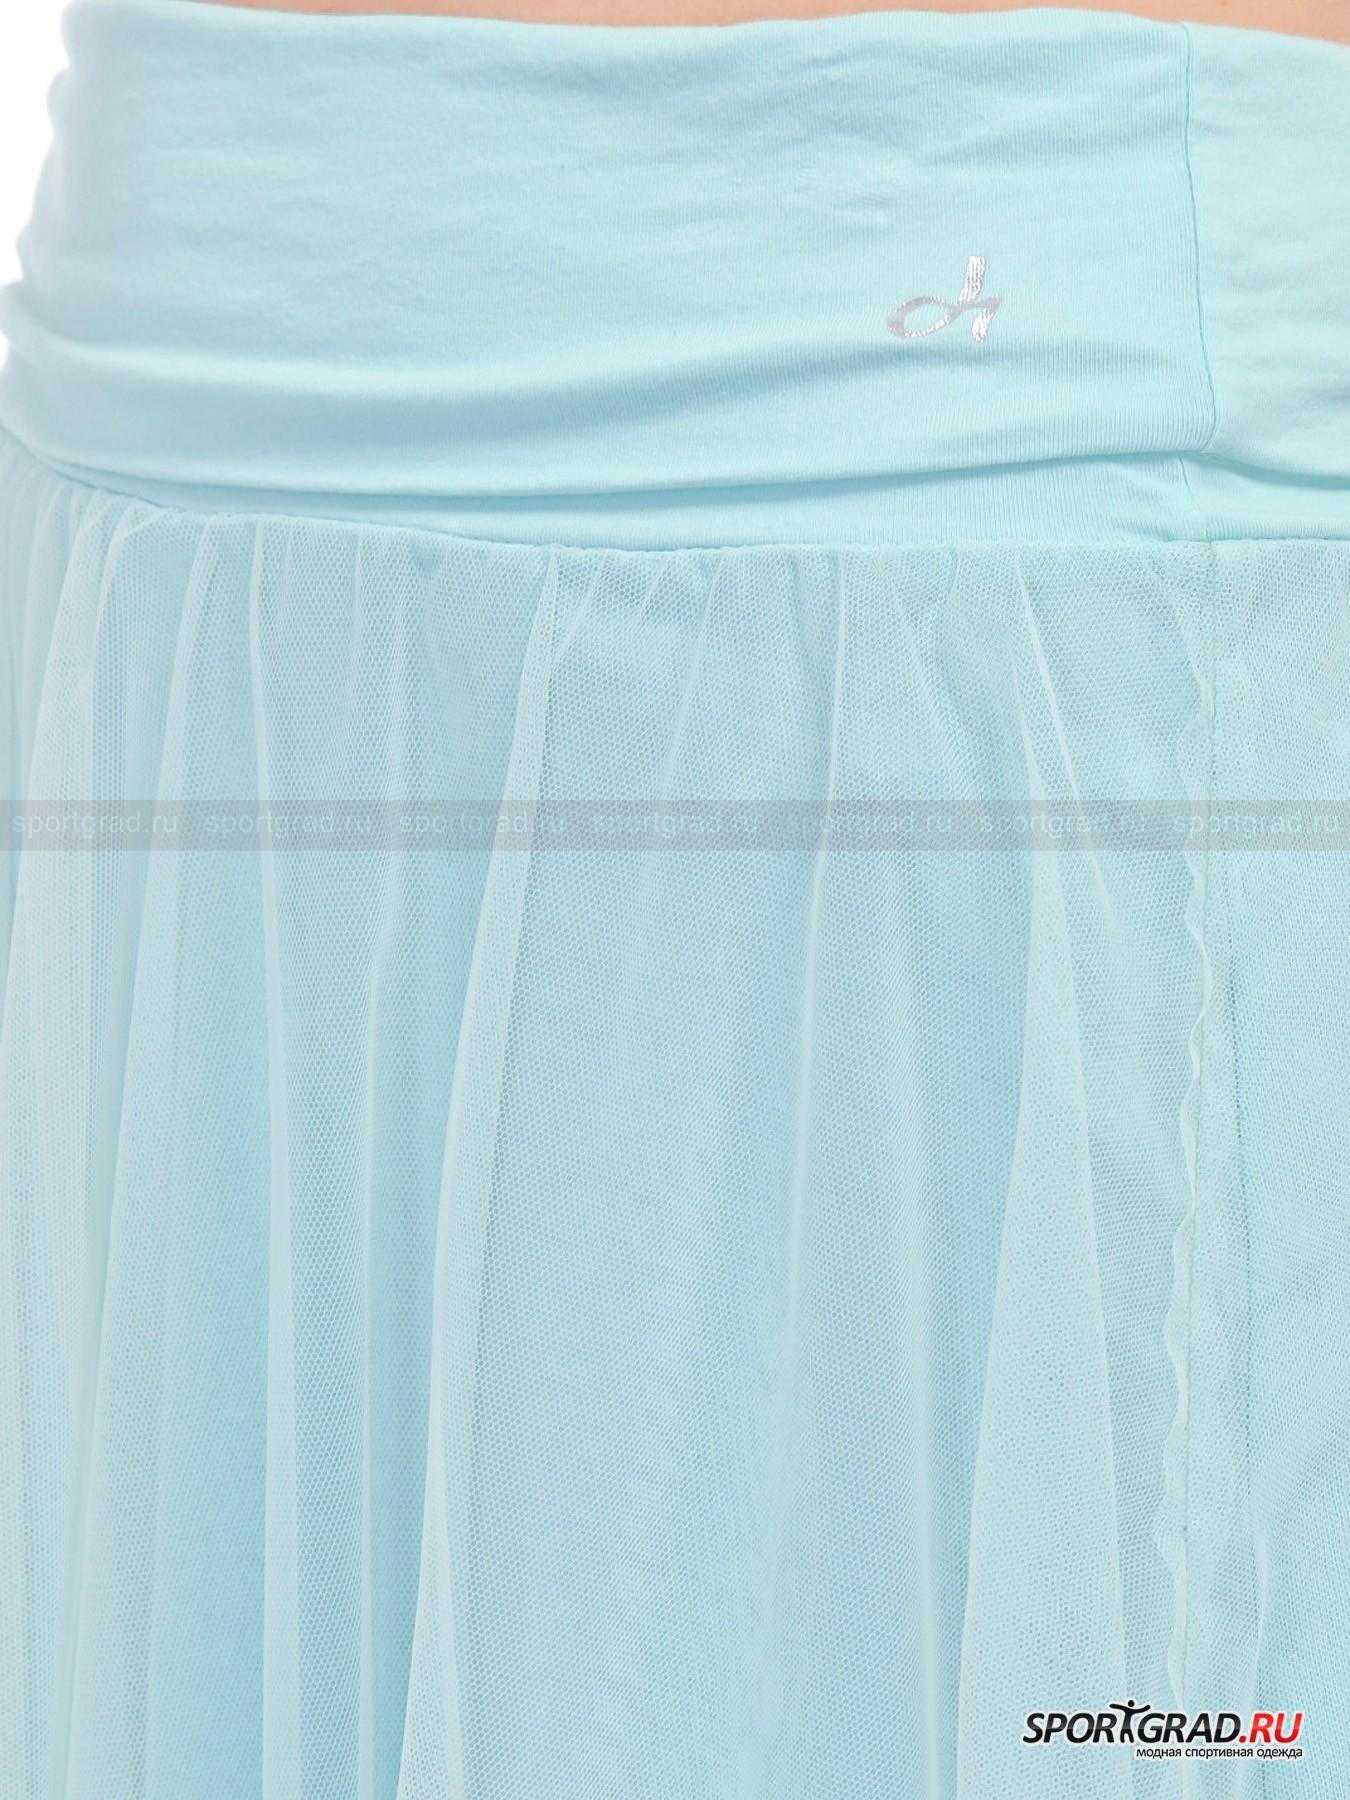 Юбка женская  DEHA с полупрозрачным верхним слоем от Спортград